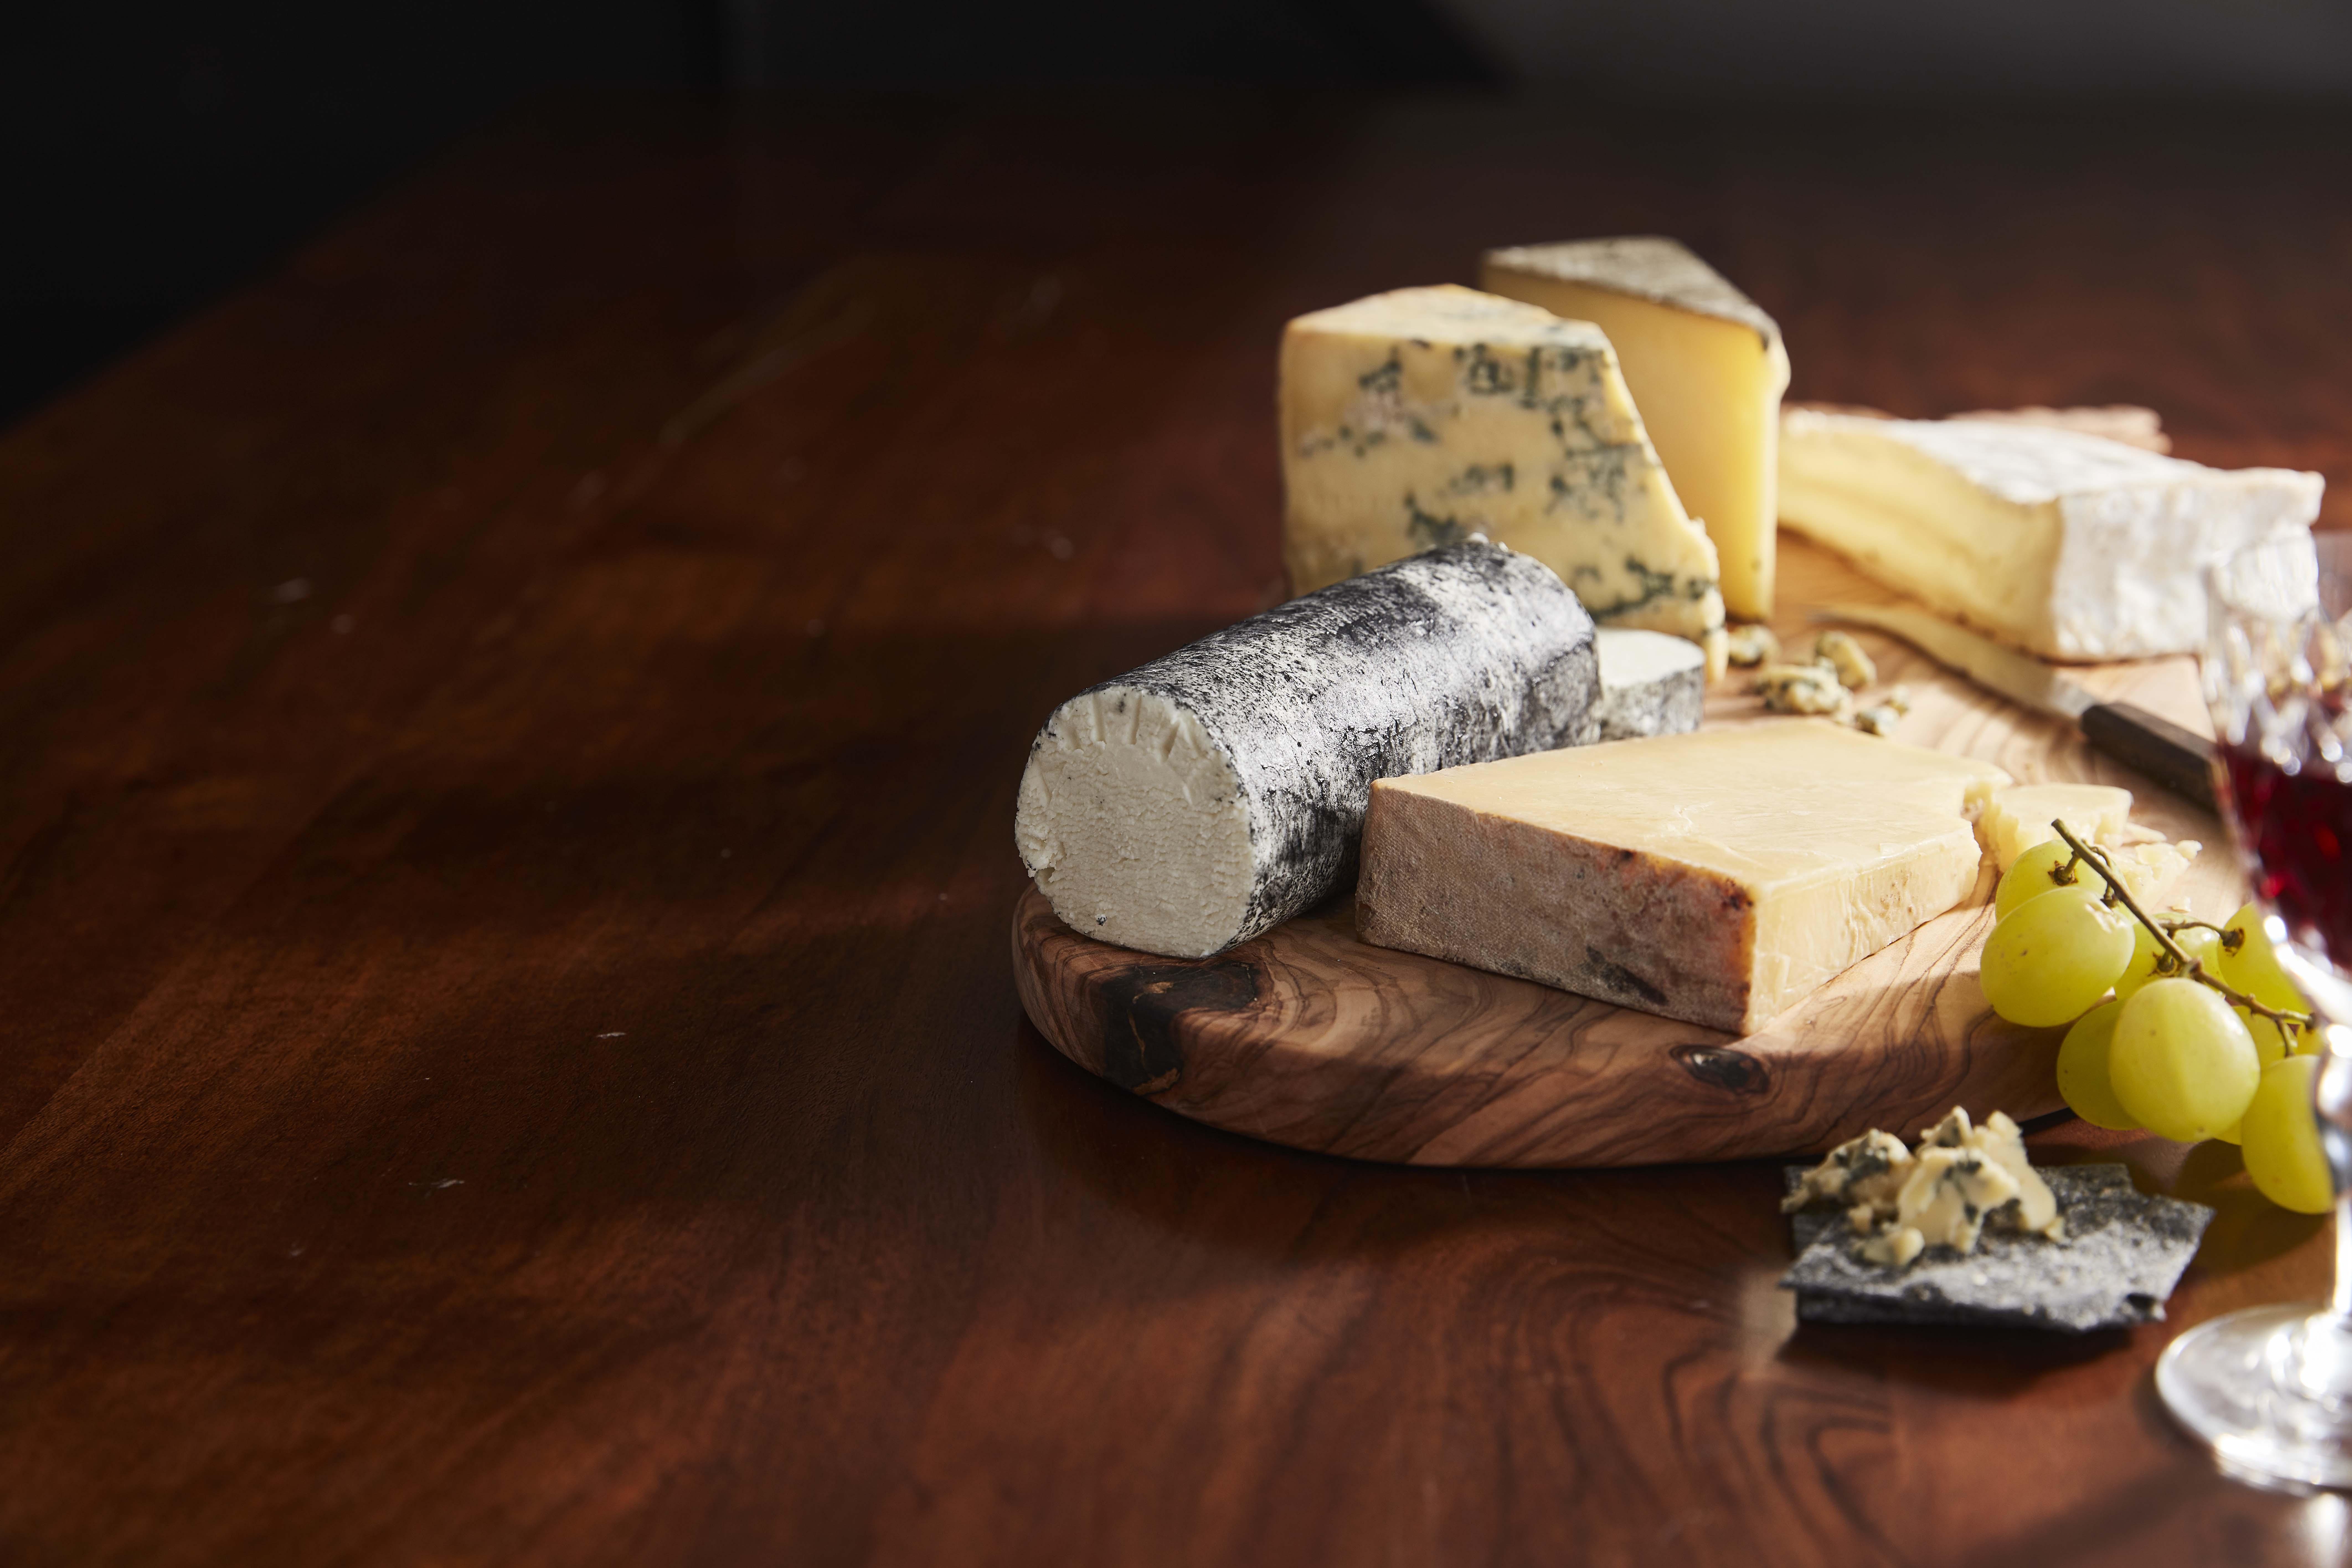 Booths Award Winning Cheese